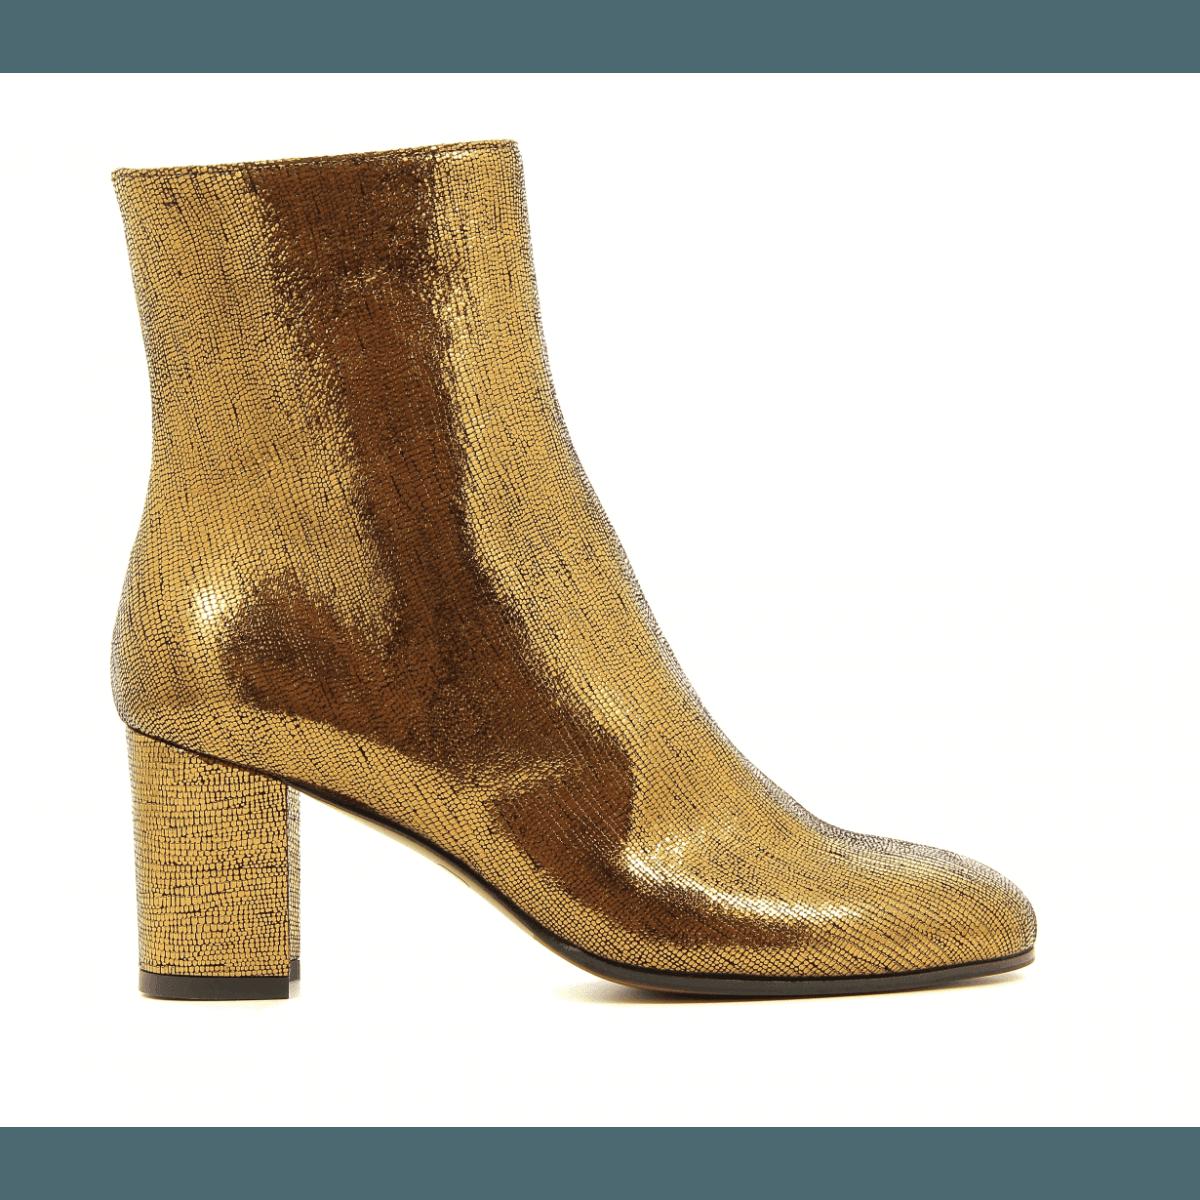 L Autre Chose Boots En Cuir Sast Prix Pas Cher BRVytTne